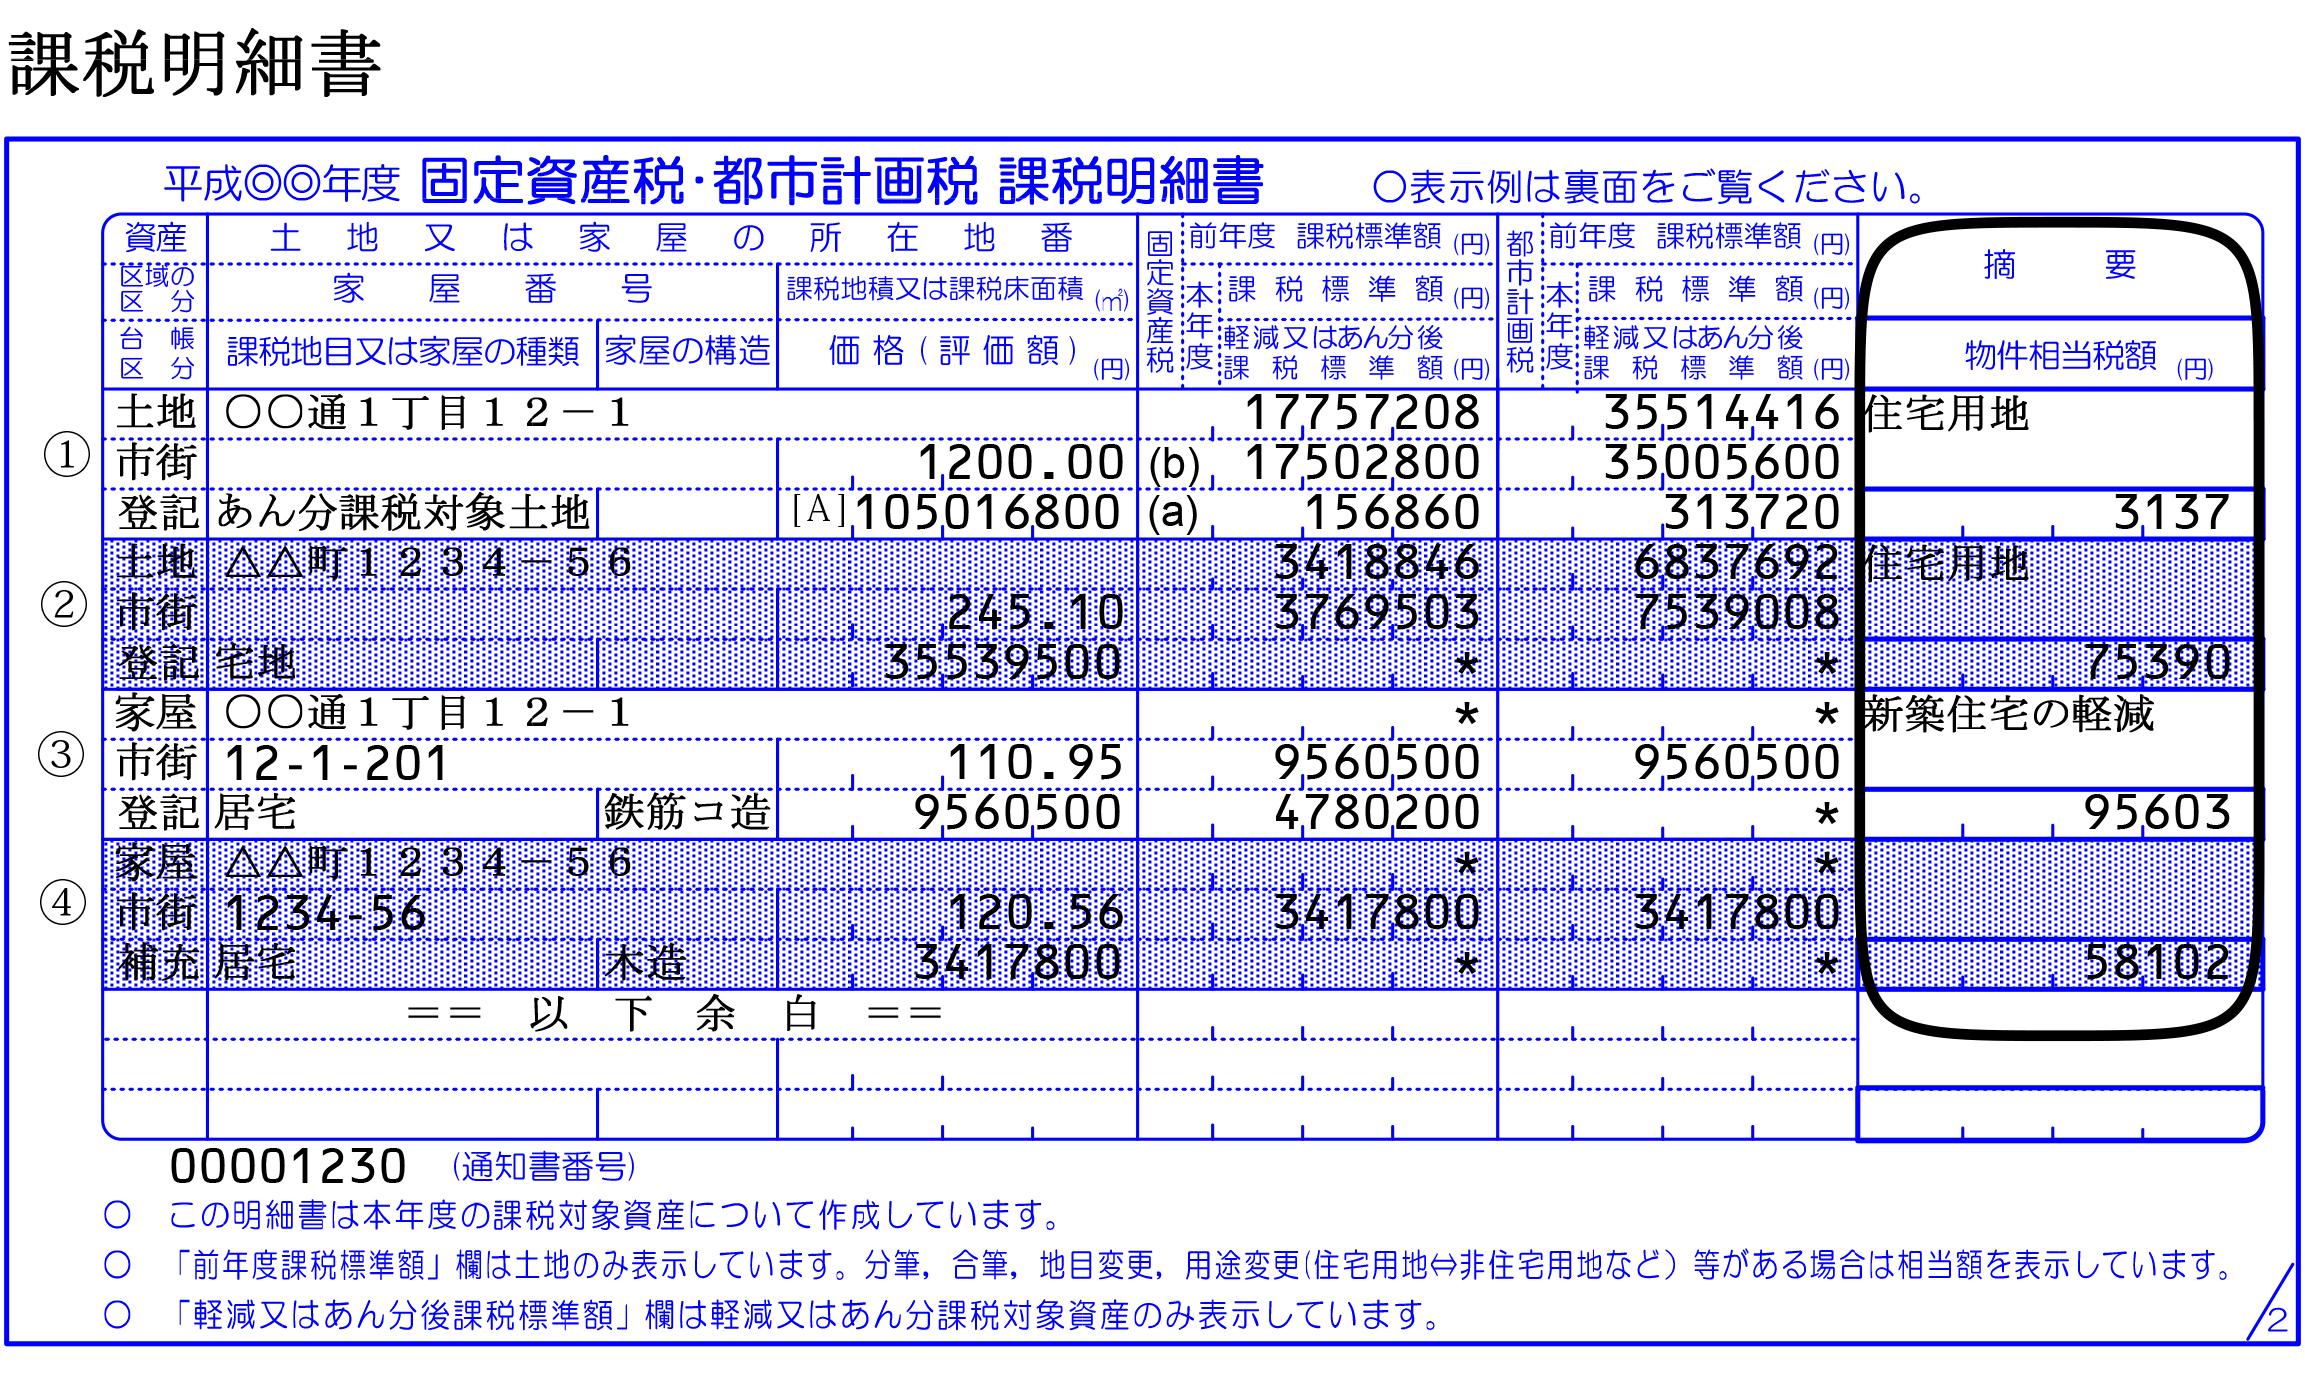 建物 税区分